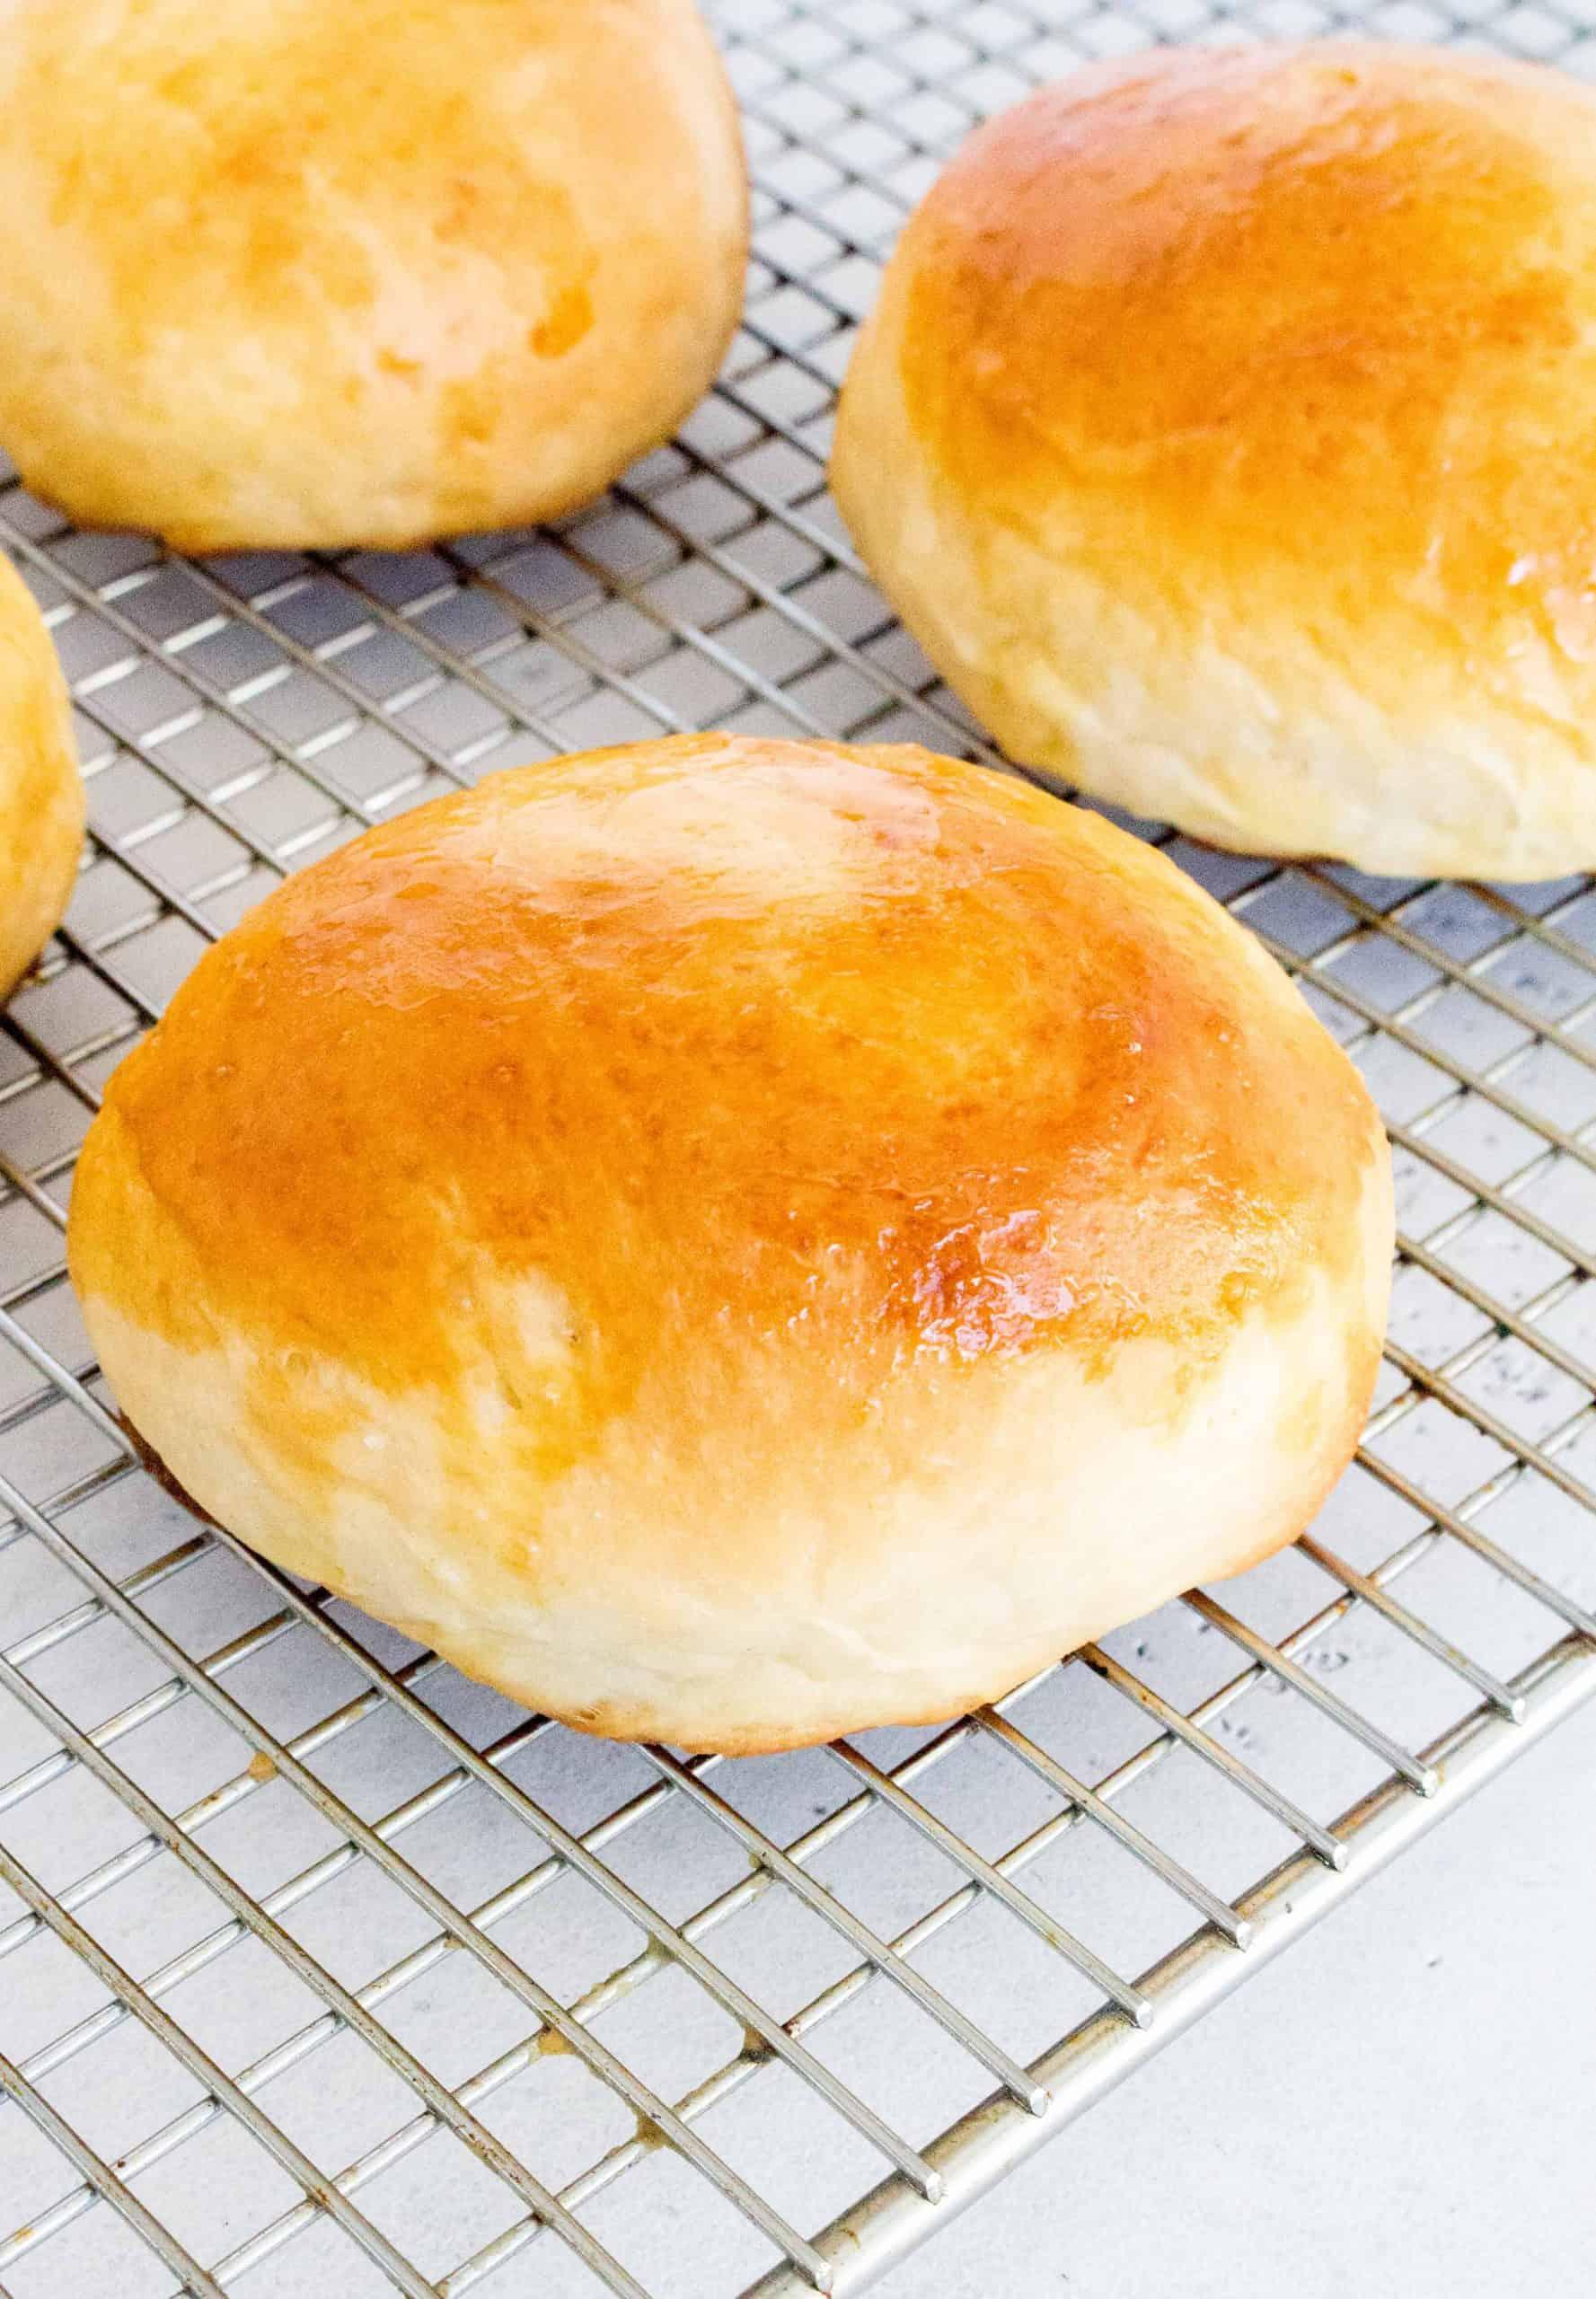 hokkaido buns | hokkaido dinner rolls